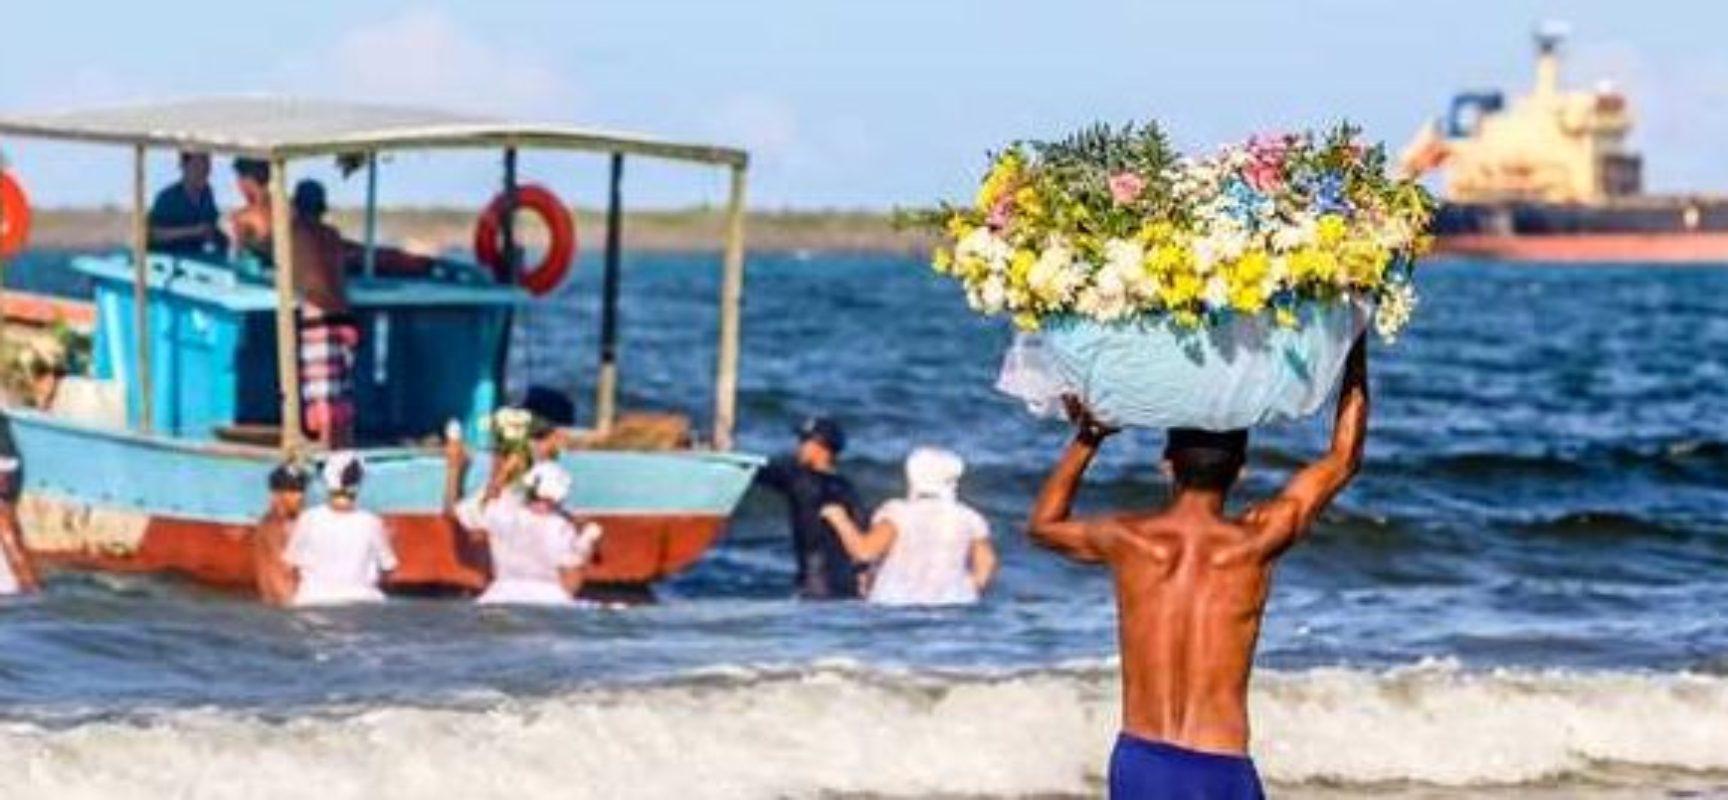 ILHÉUS: Homenagem à Iemanjá é simbólica neste 2 de fevereiro